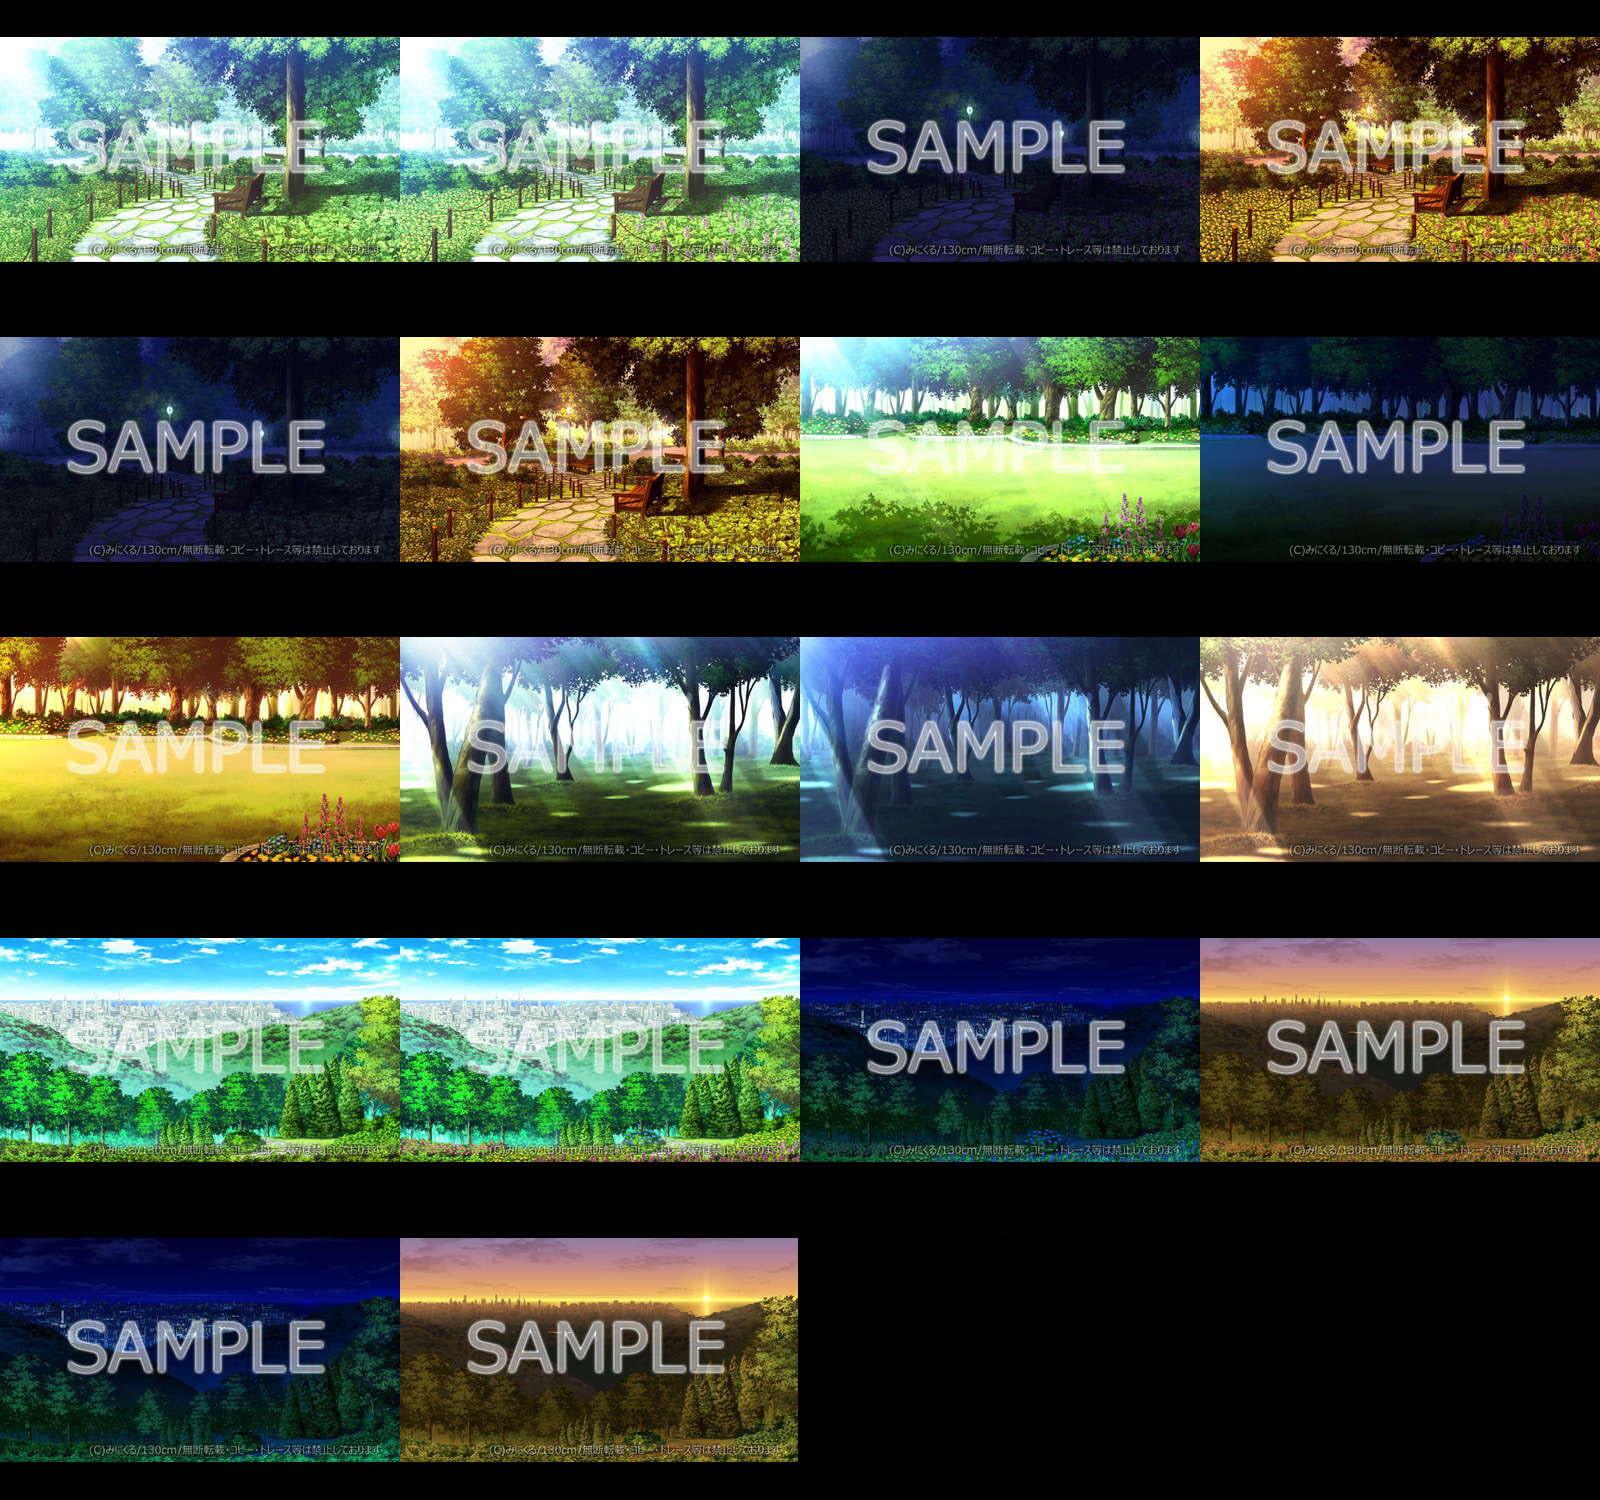 みにくる背景CG素材集『自然編』part01+α